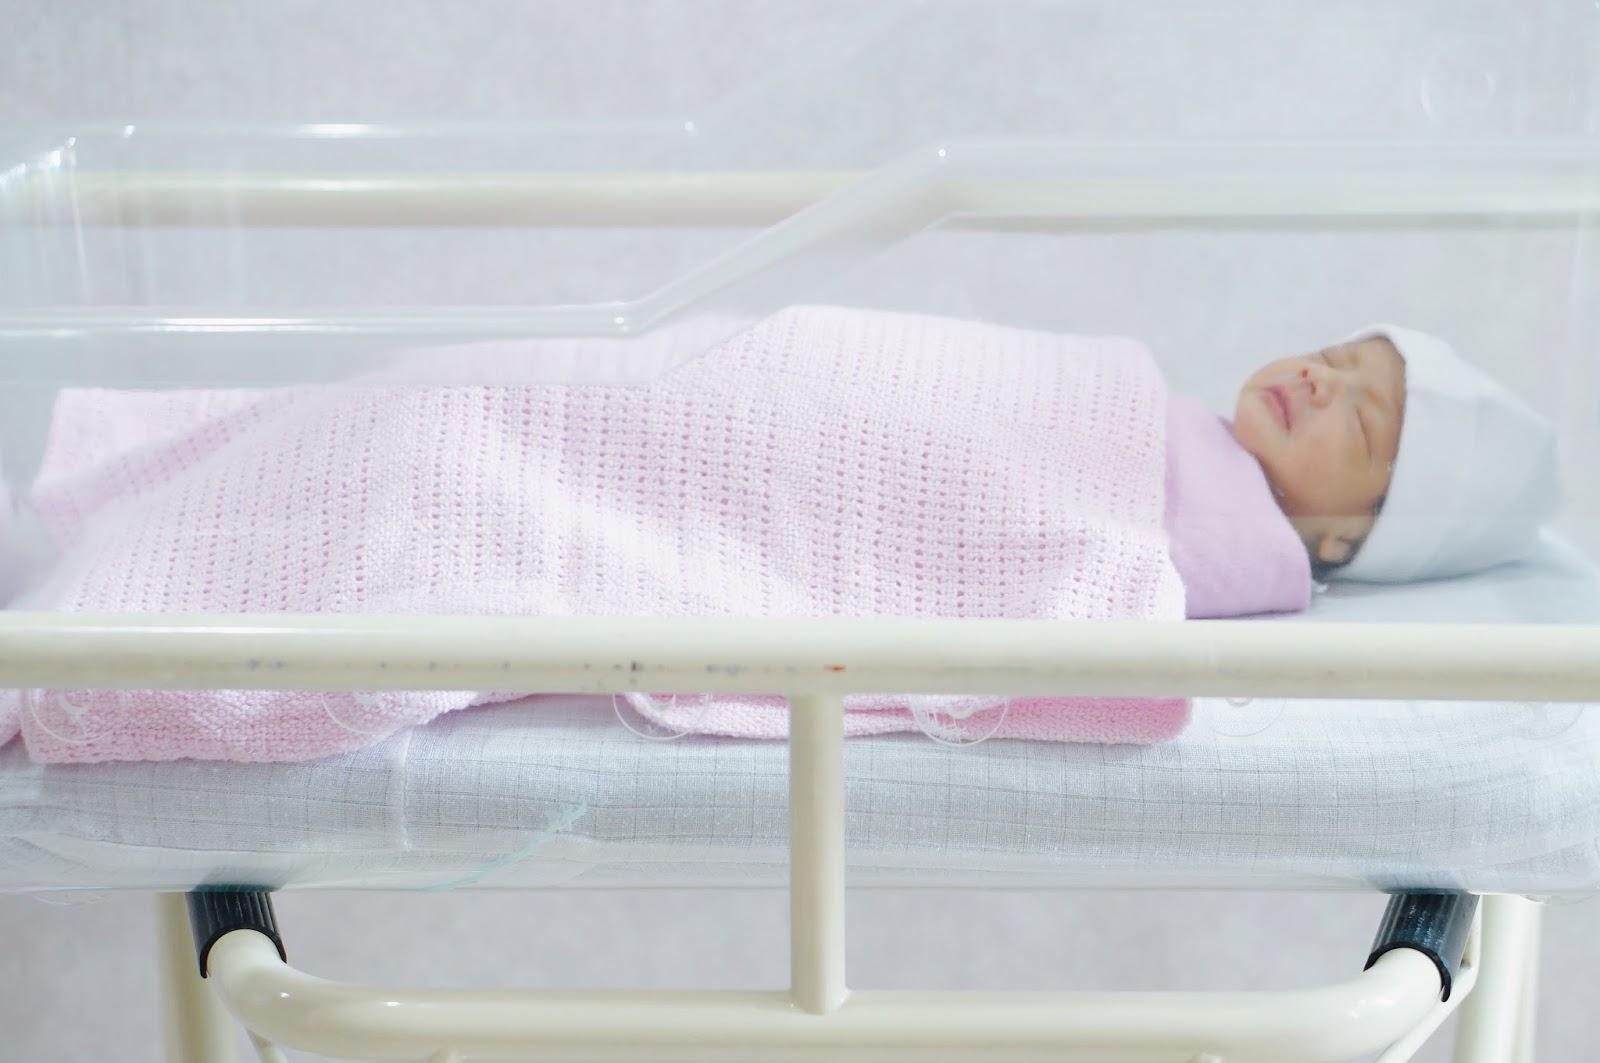 Mengenaskan! Bayi Prematur Terbakar di Dalam Inkubator Rakitan